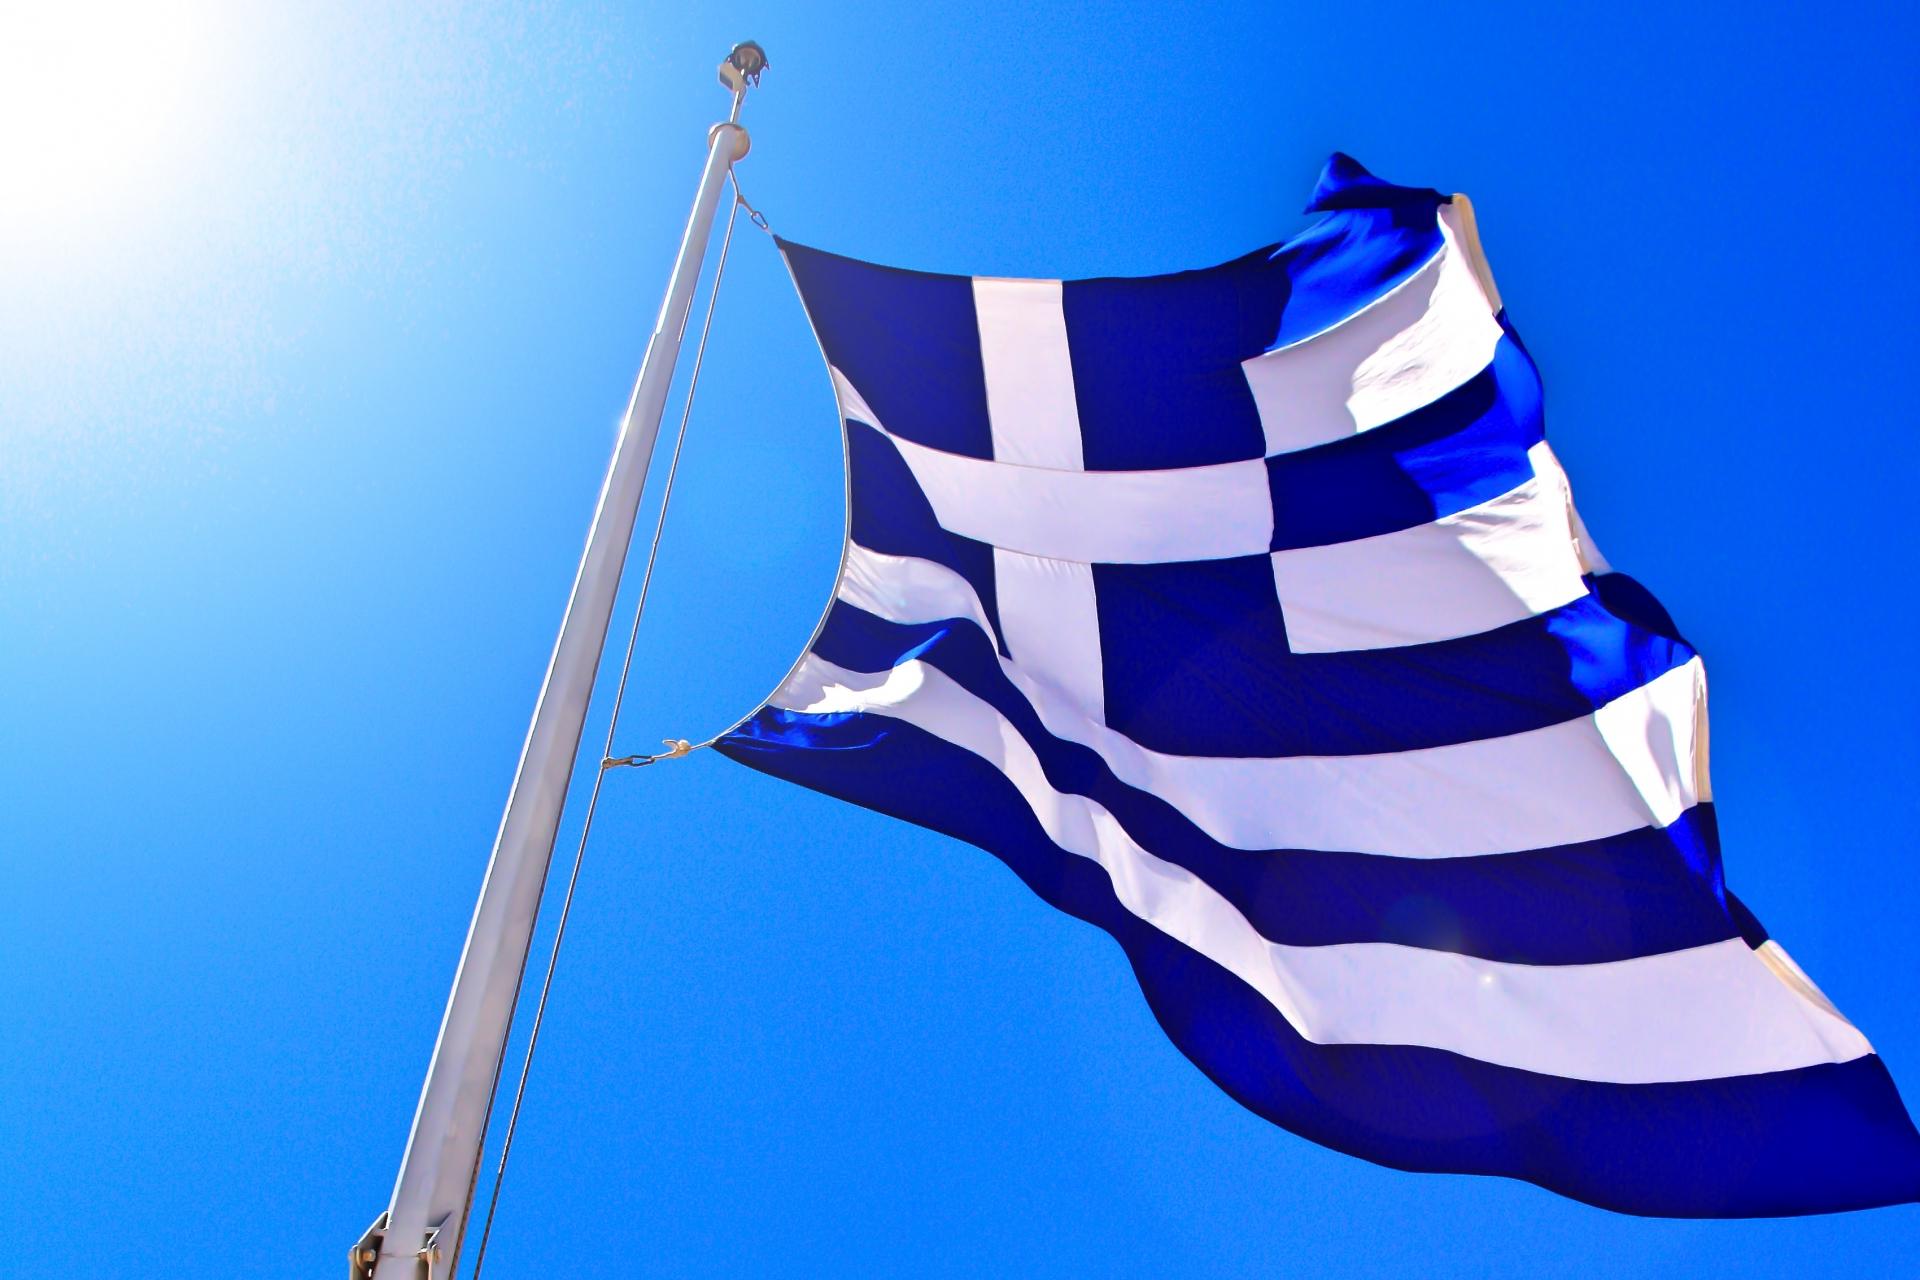 ギリシャ国旗の色の特徴や意味・由来をチェック!歴史も知って観光を楽しもう